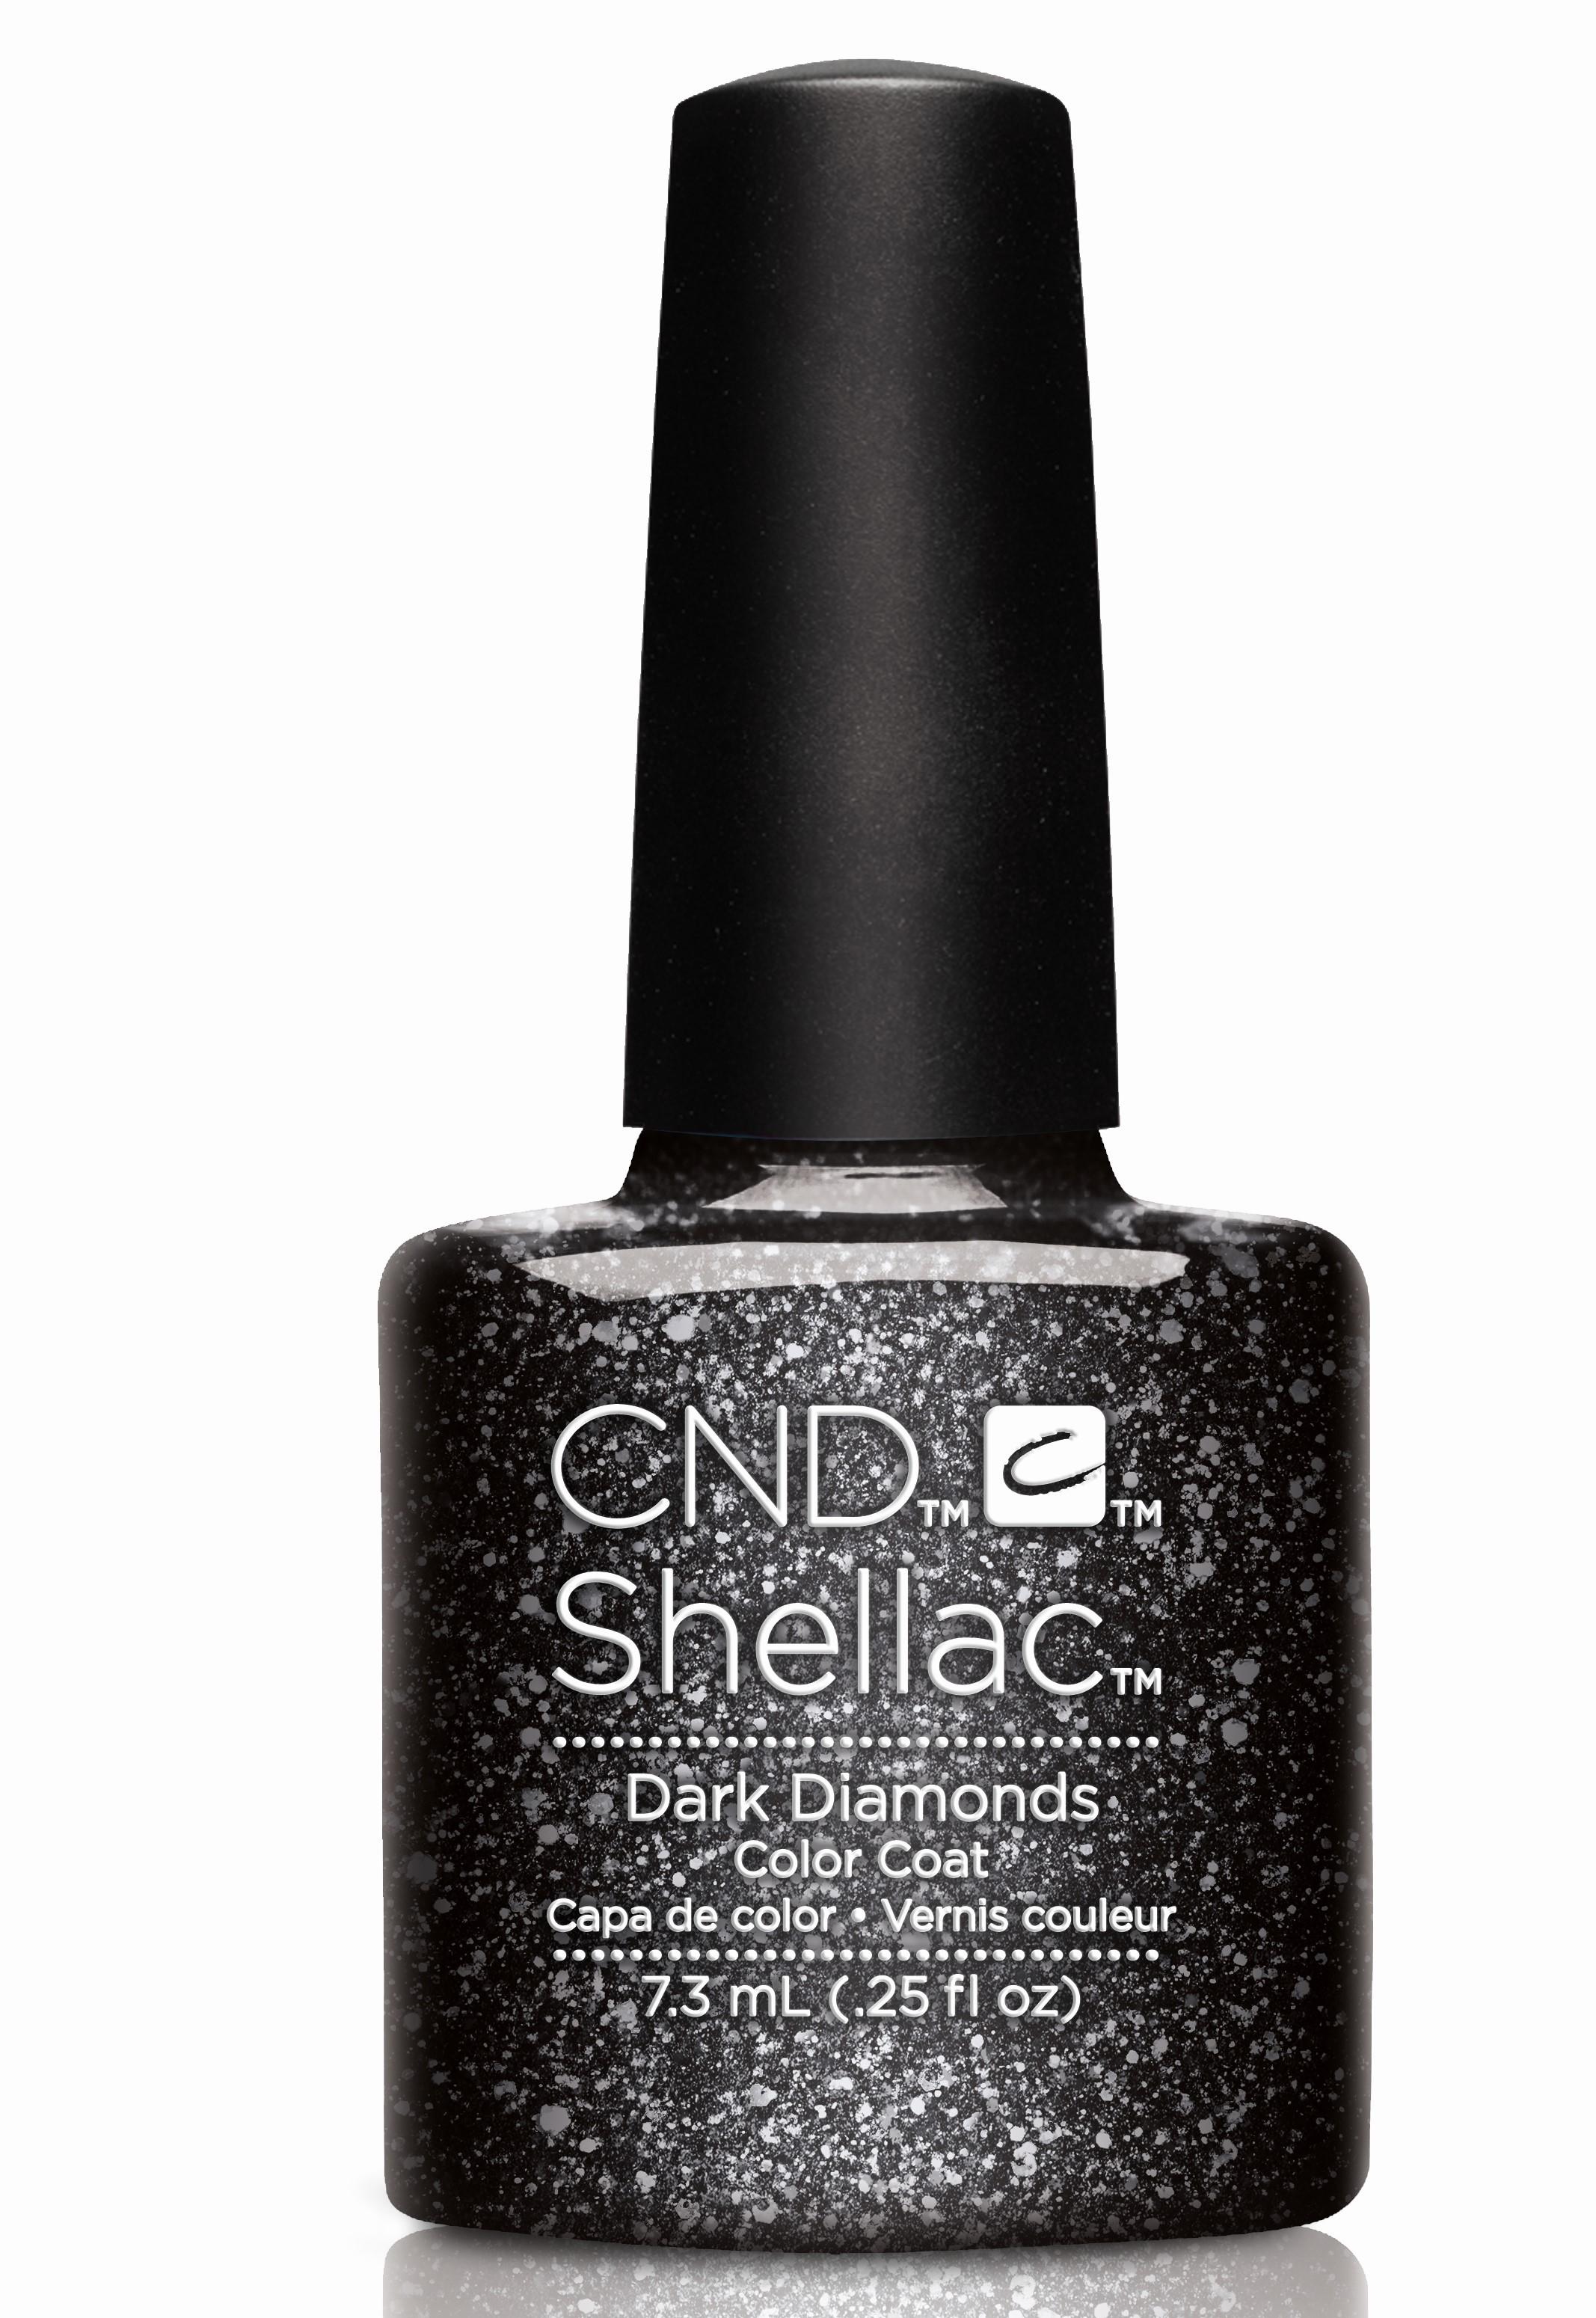 CND 91258 покрытие гелевое / Dark Diamonds SHELLAC Starsrtuck 7,3 мл cnd 058a покрытие гелевое steel gaze shellac 7 3мл